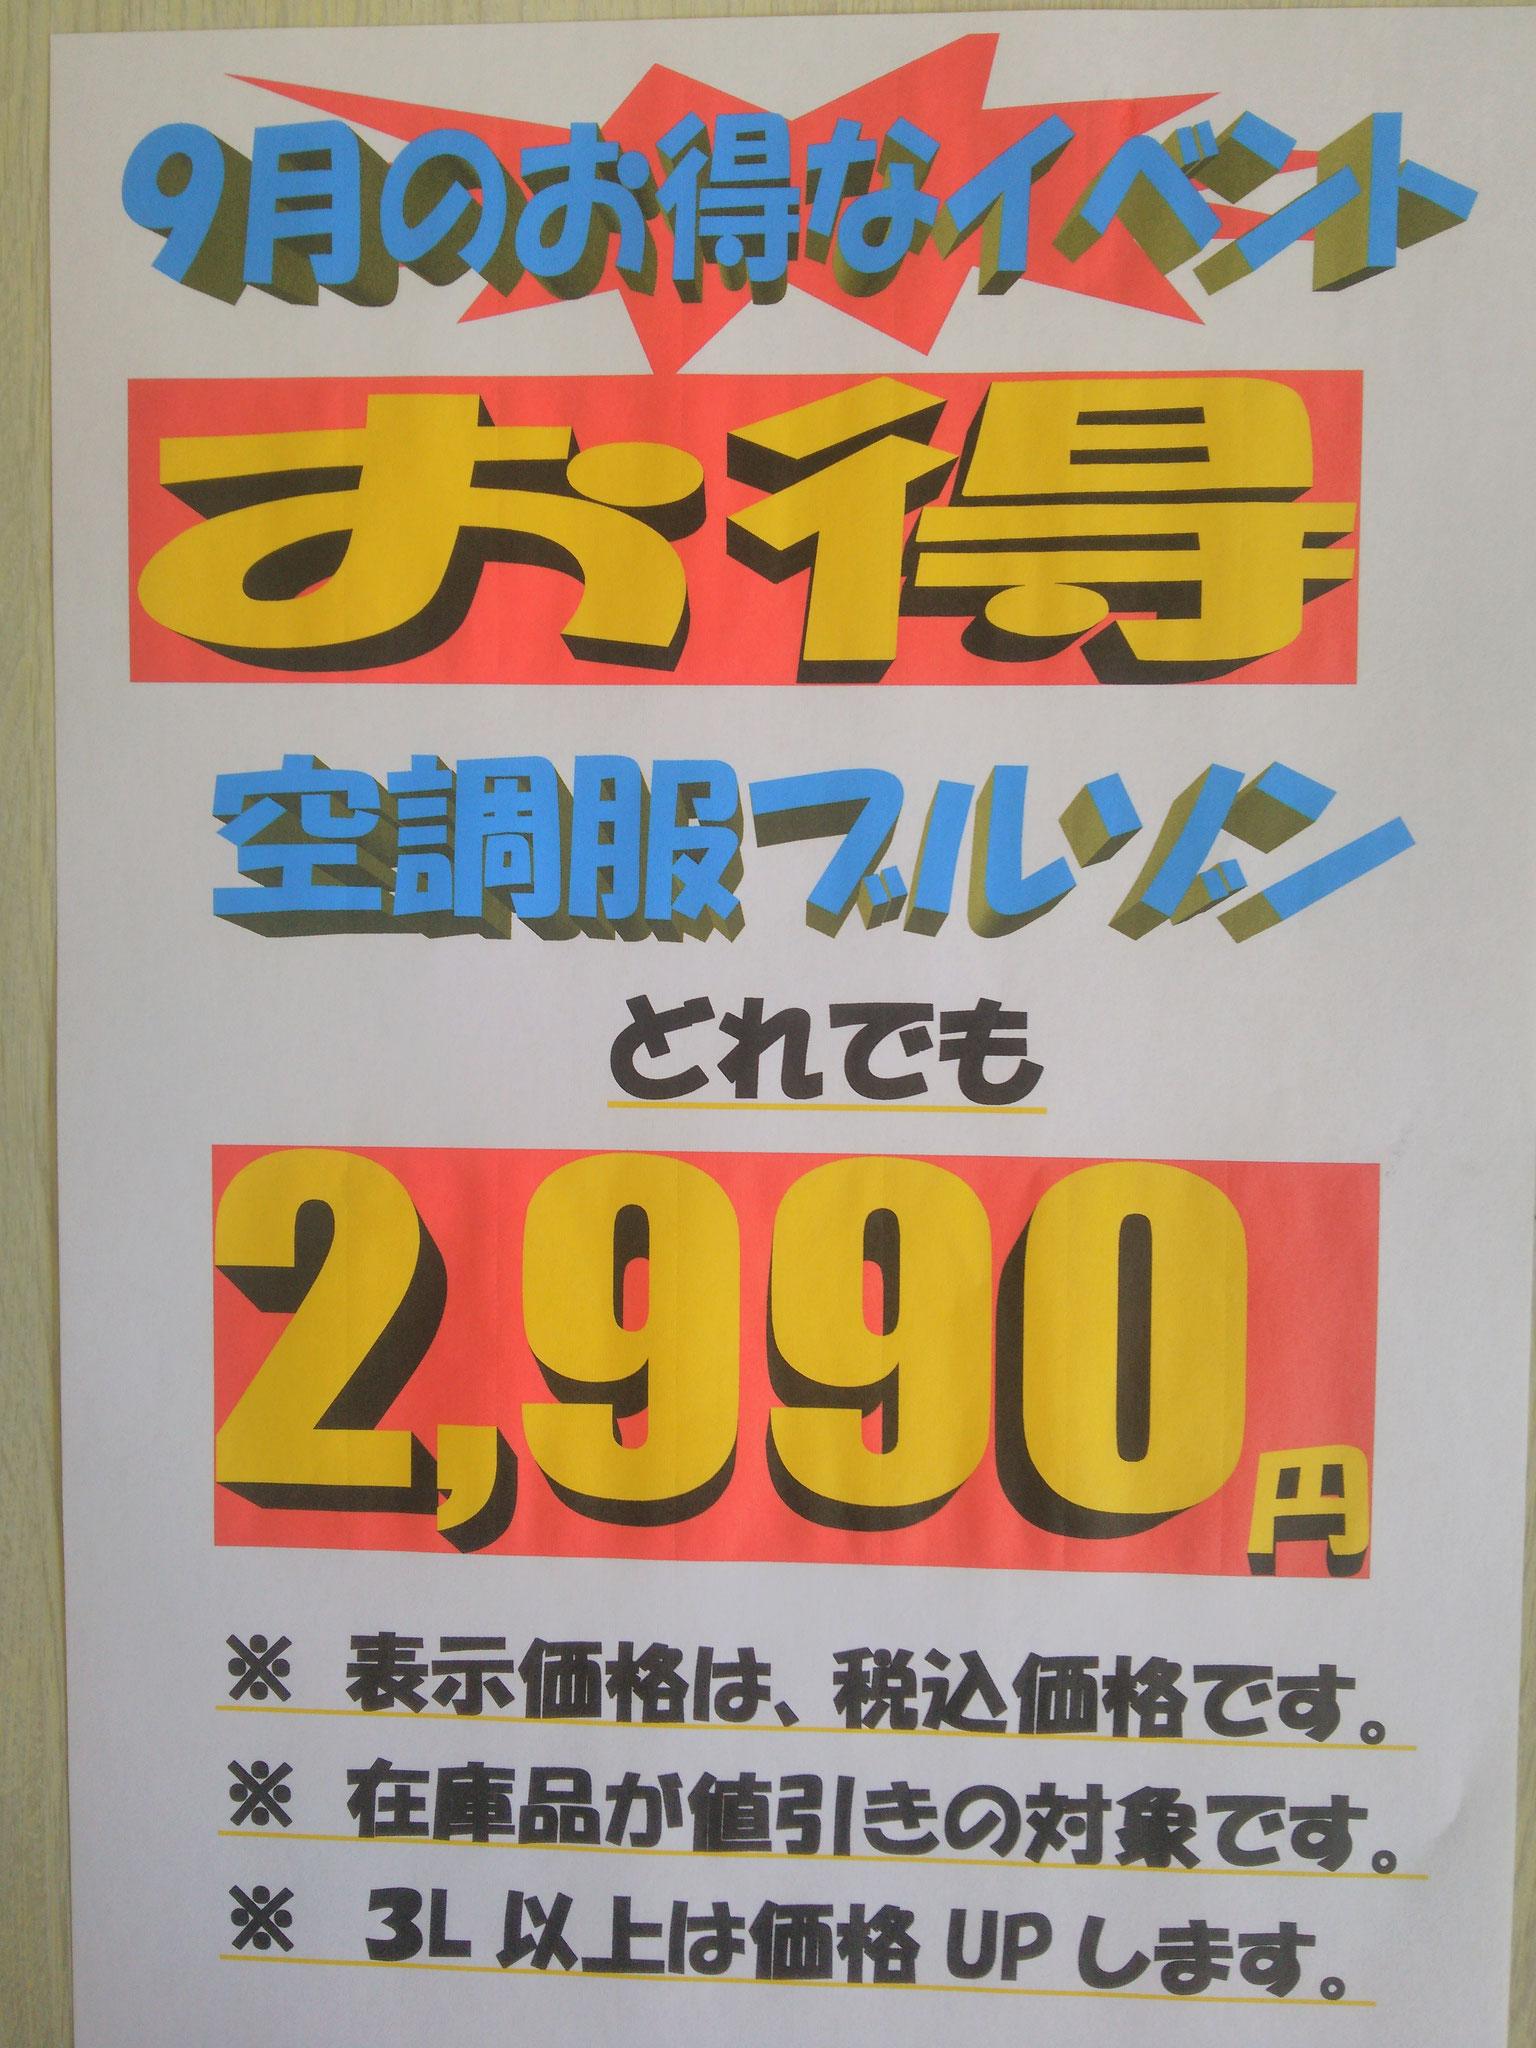 空調ブルゾンを、すべて¥2,990(税込)で販売中!!